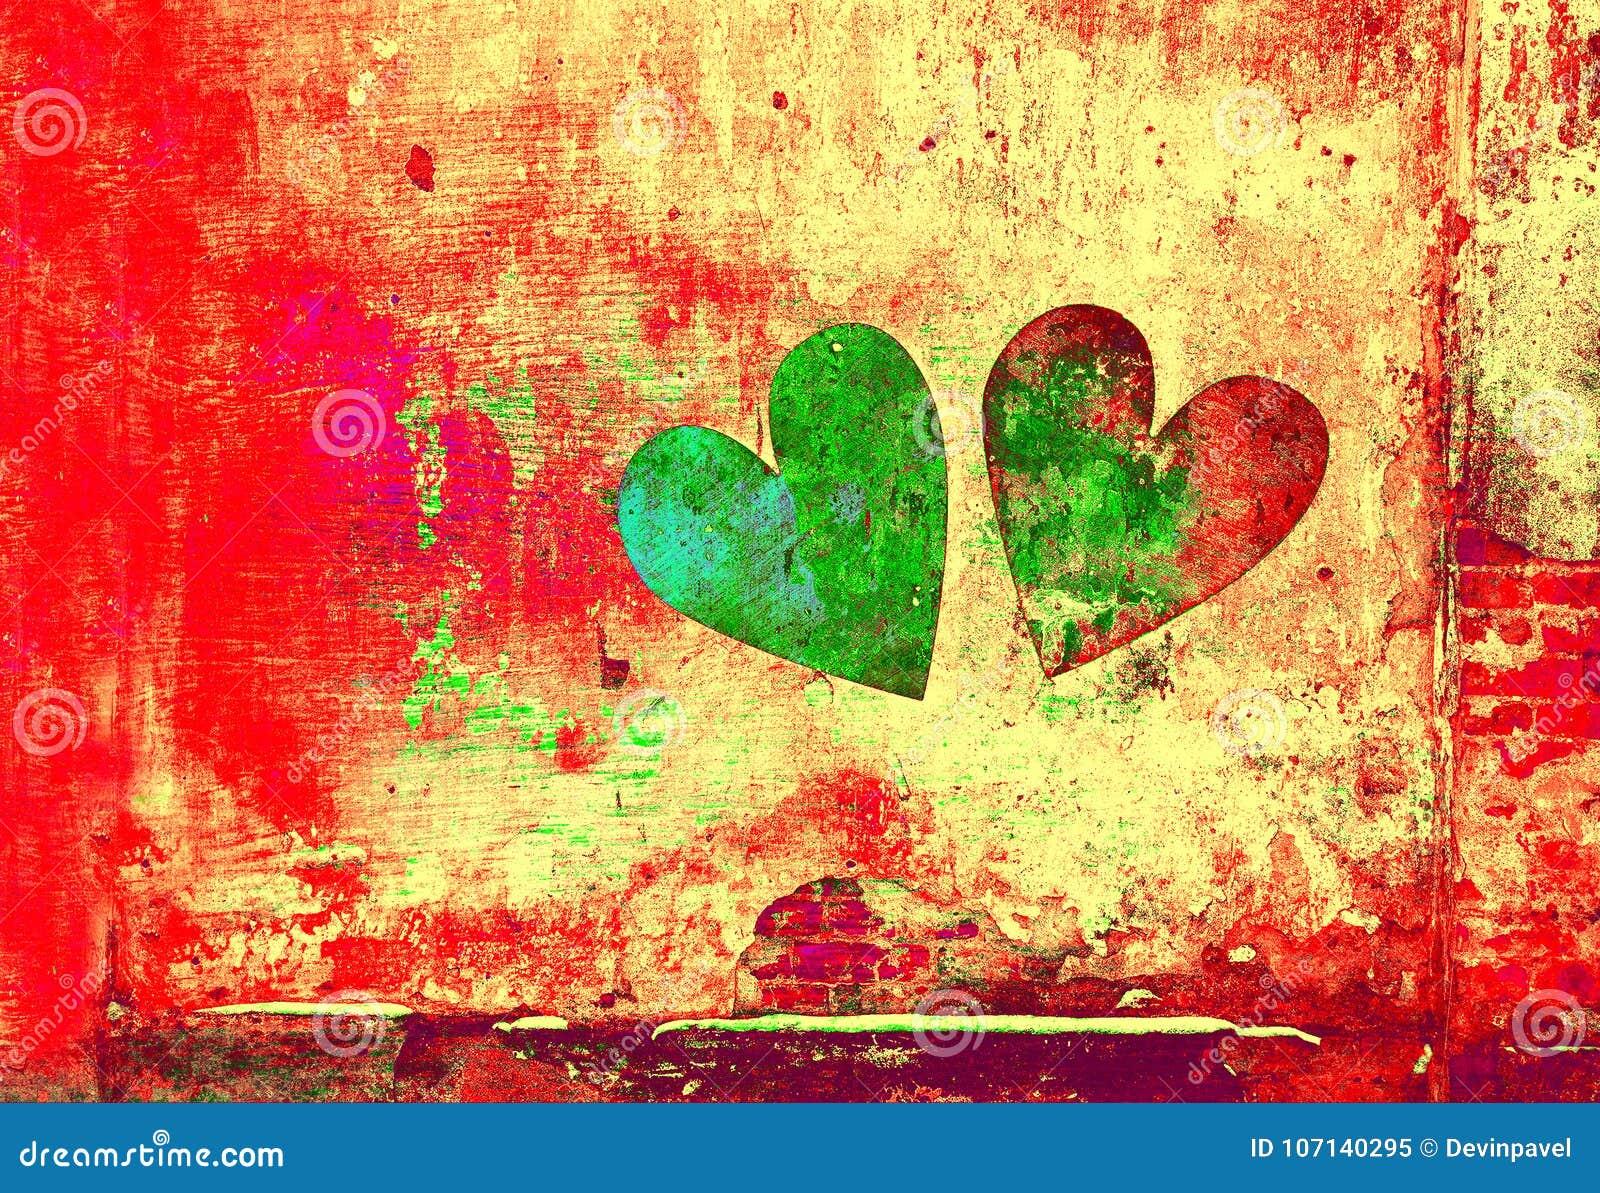 Amour et romance Fond créateur d art Coeur peint sur le mur